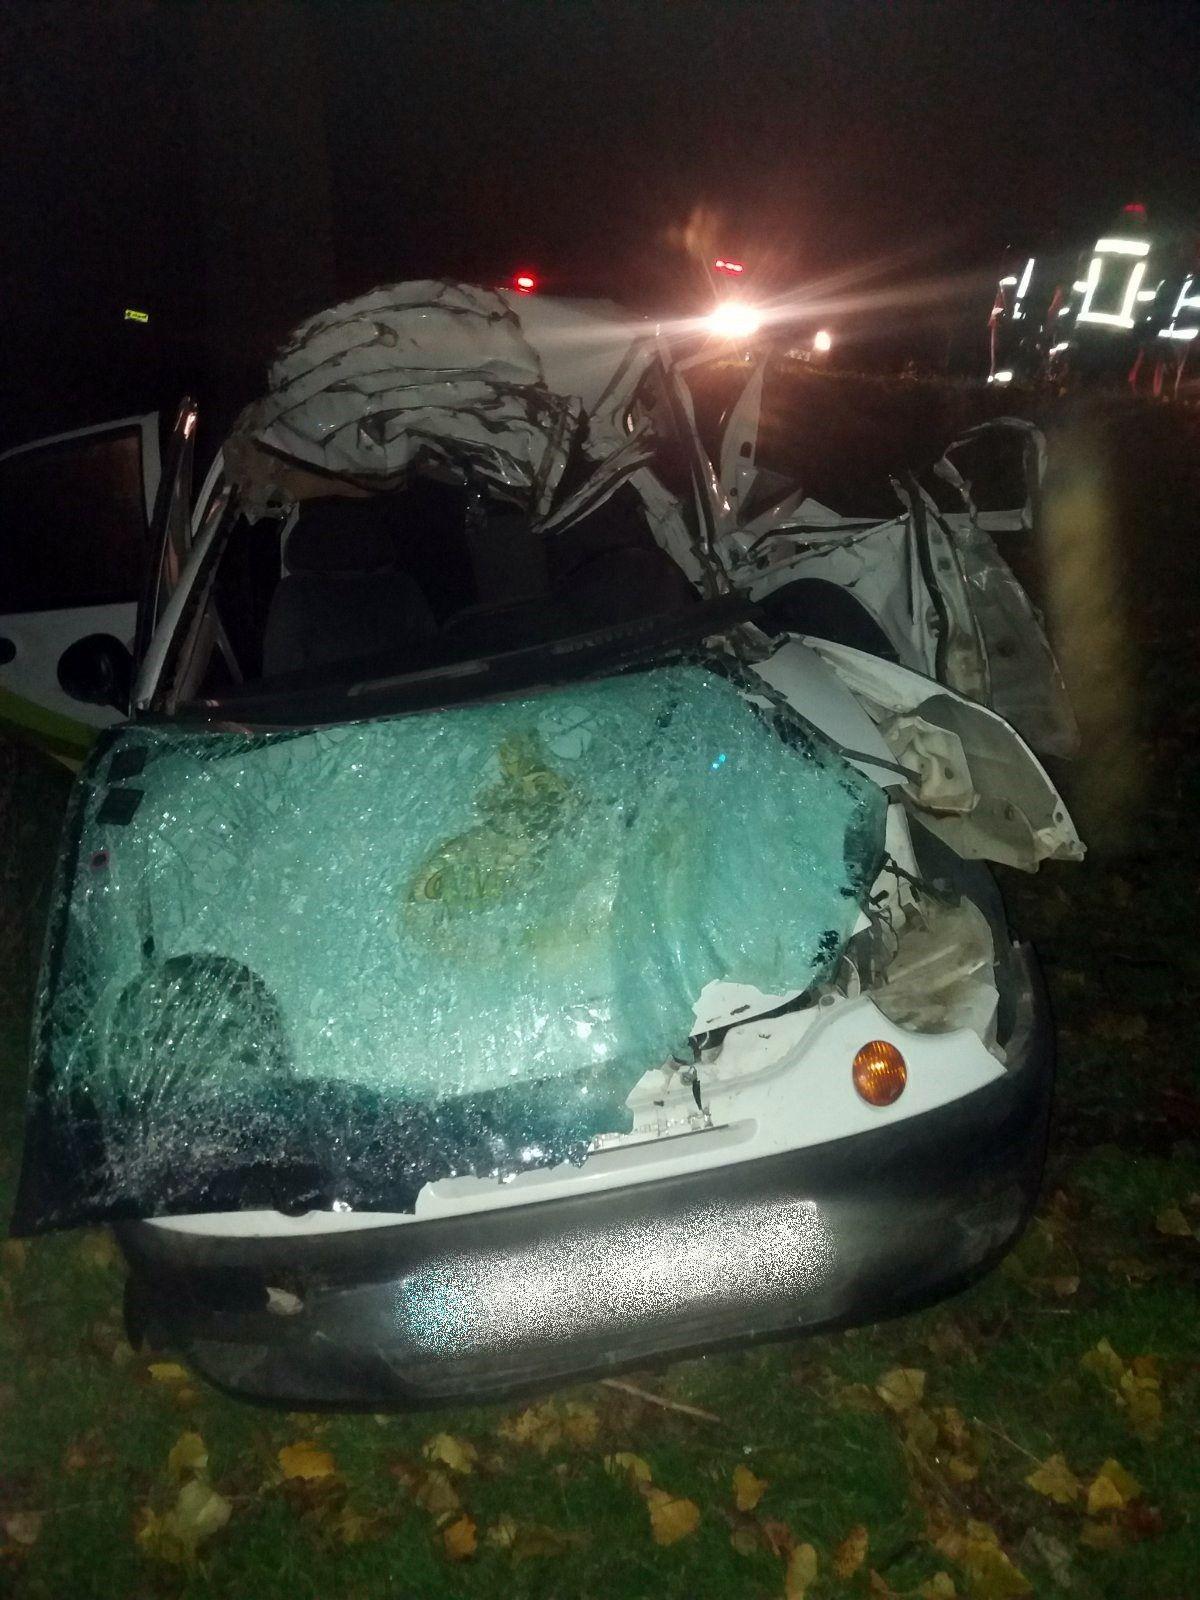 Accident nocturn la Orhei. Doi tineri au murit pe loc, după ce au intrat cu mașina într-un copac (FOTO)